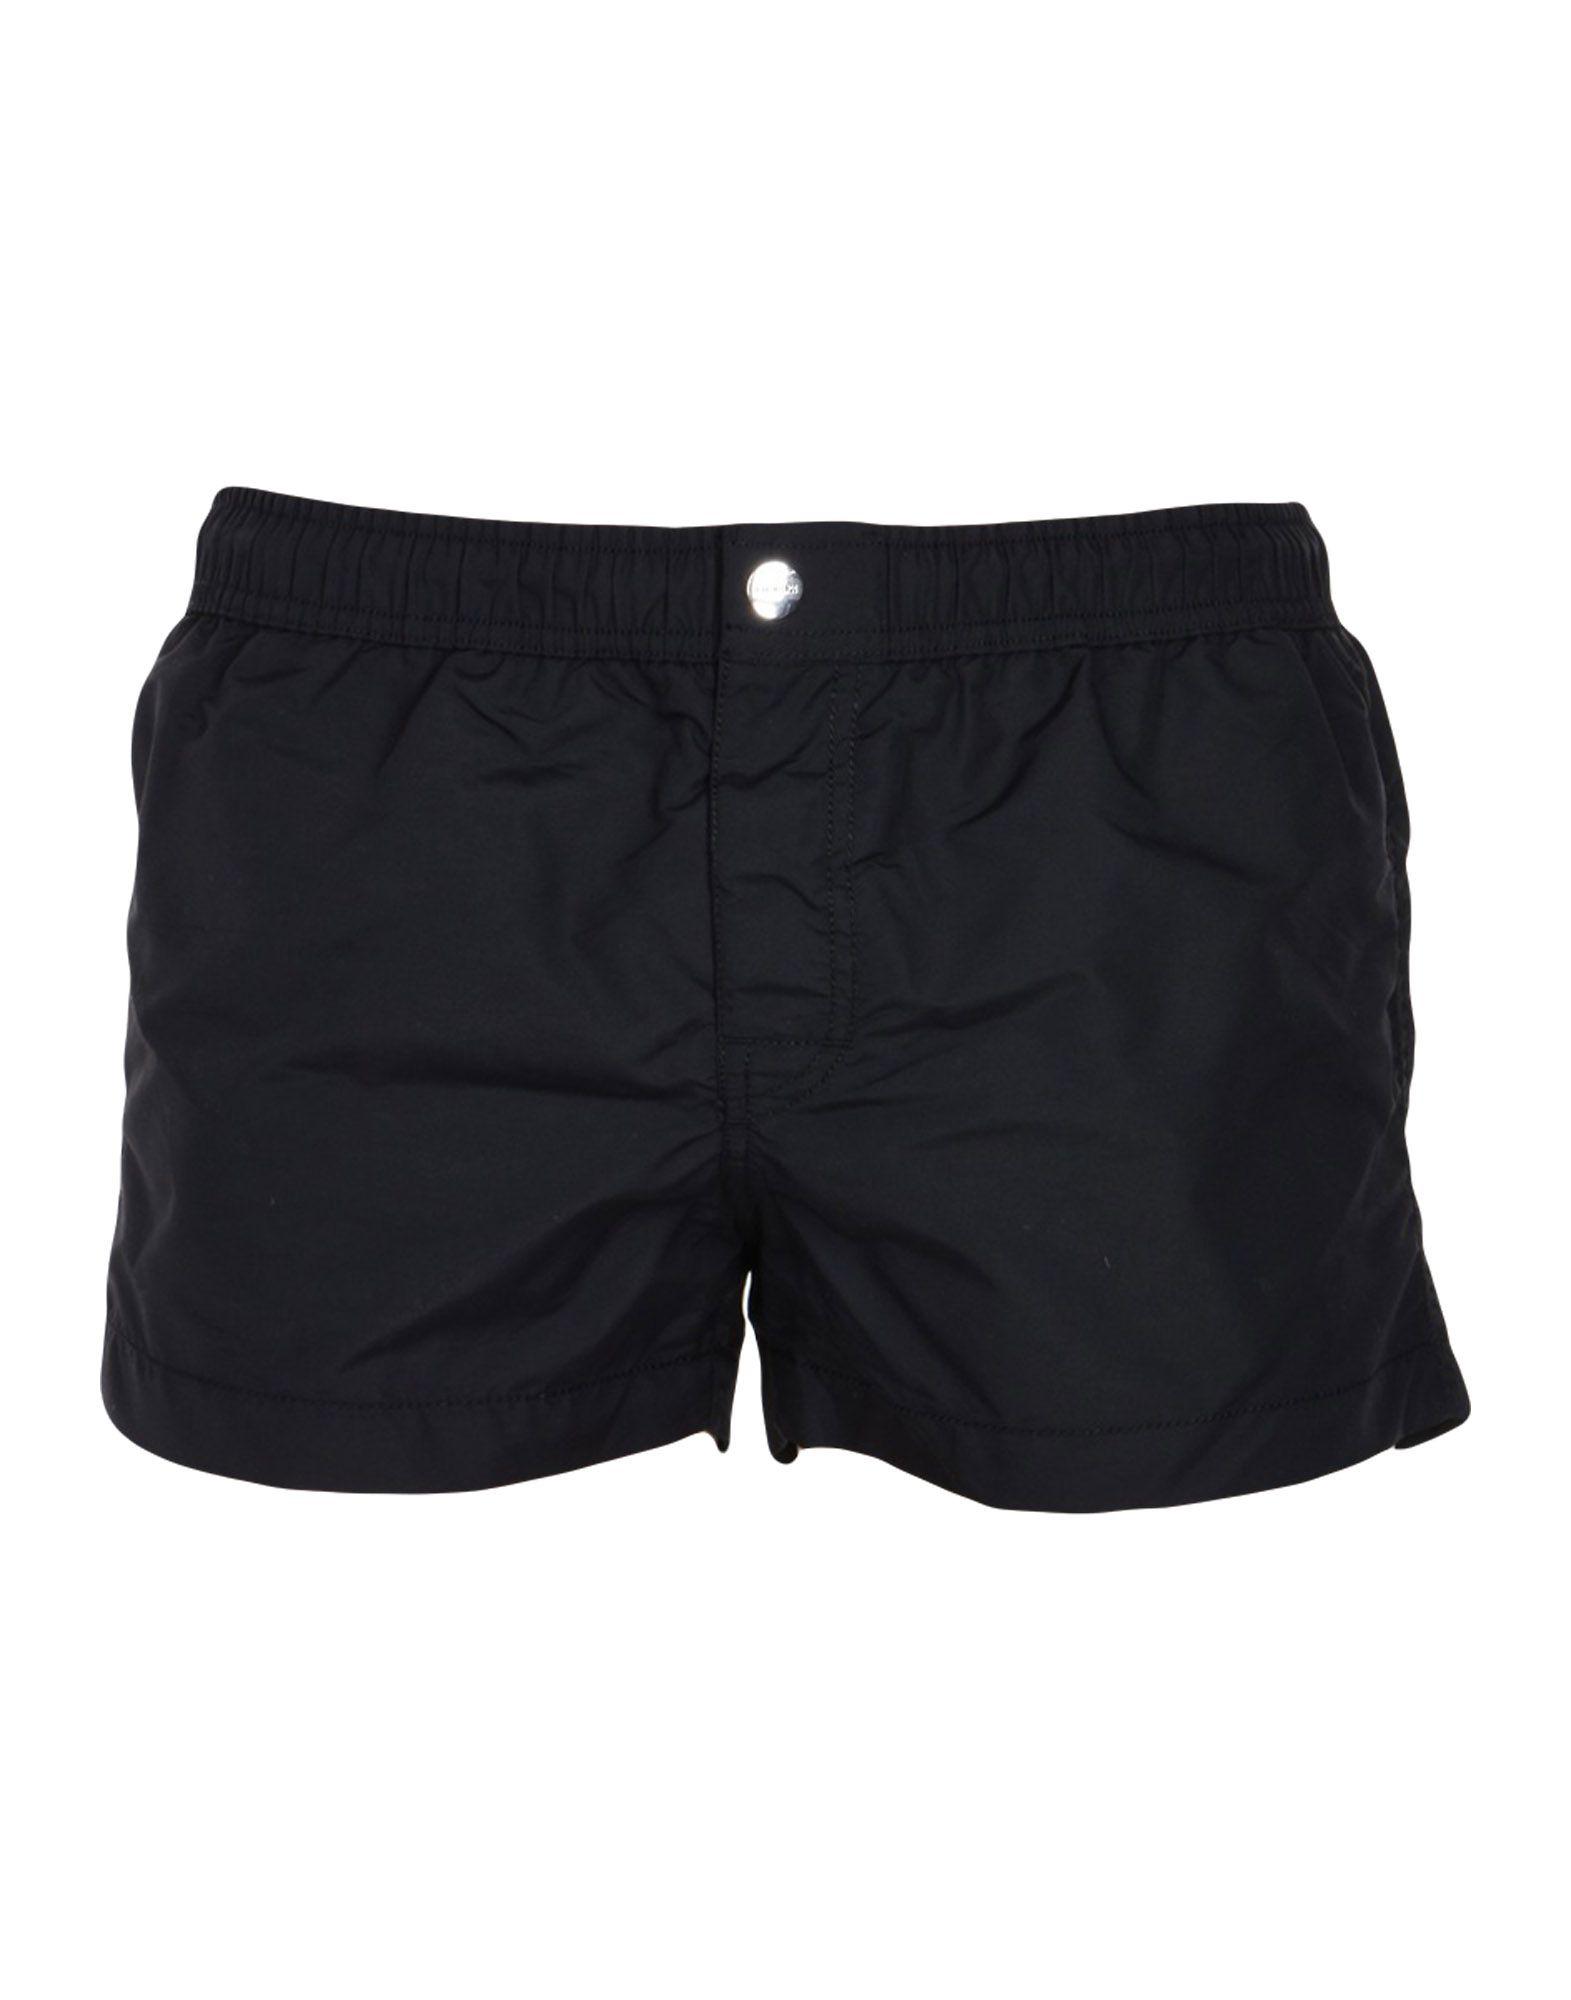 《送料無料》BIKKEMBERGS メンズ 水着(ボクサーパンツ) ブラック L ナイロン 100%